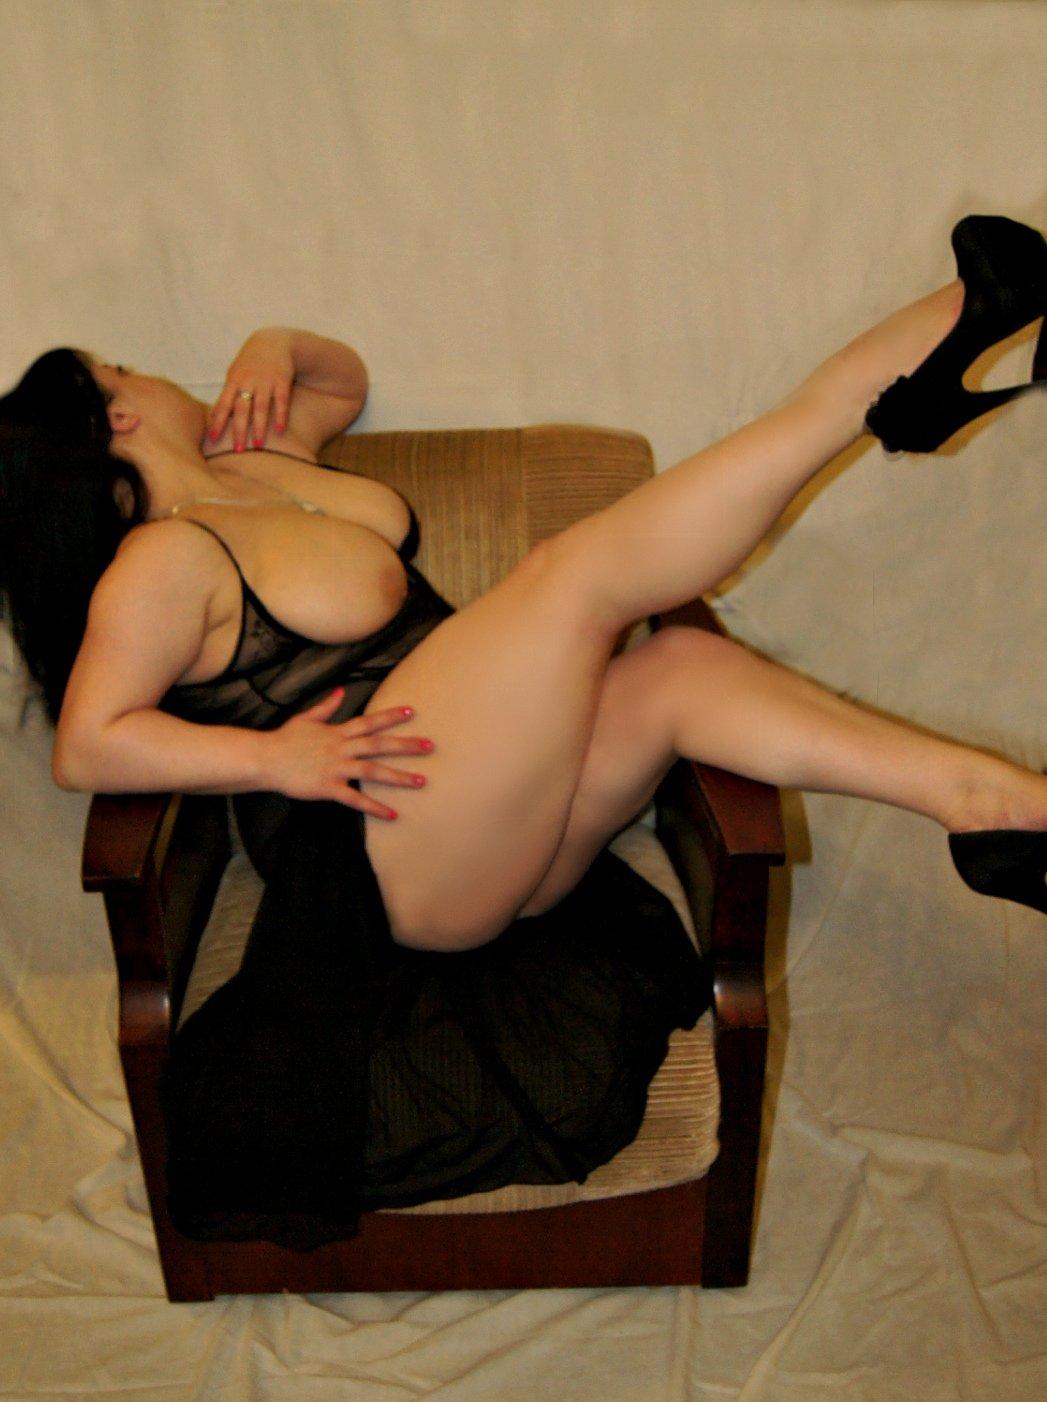 Nastoyashie проститутки москвы